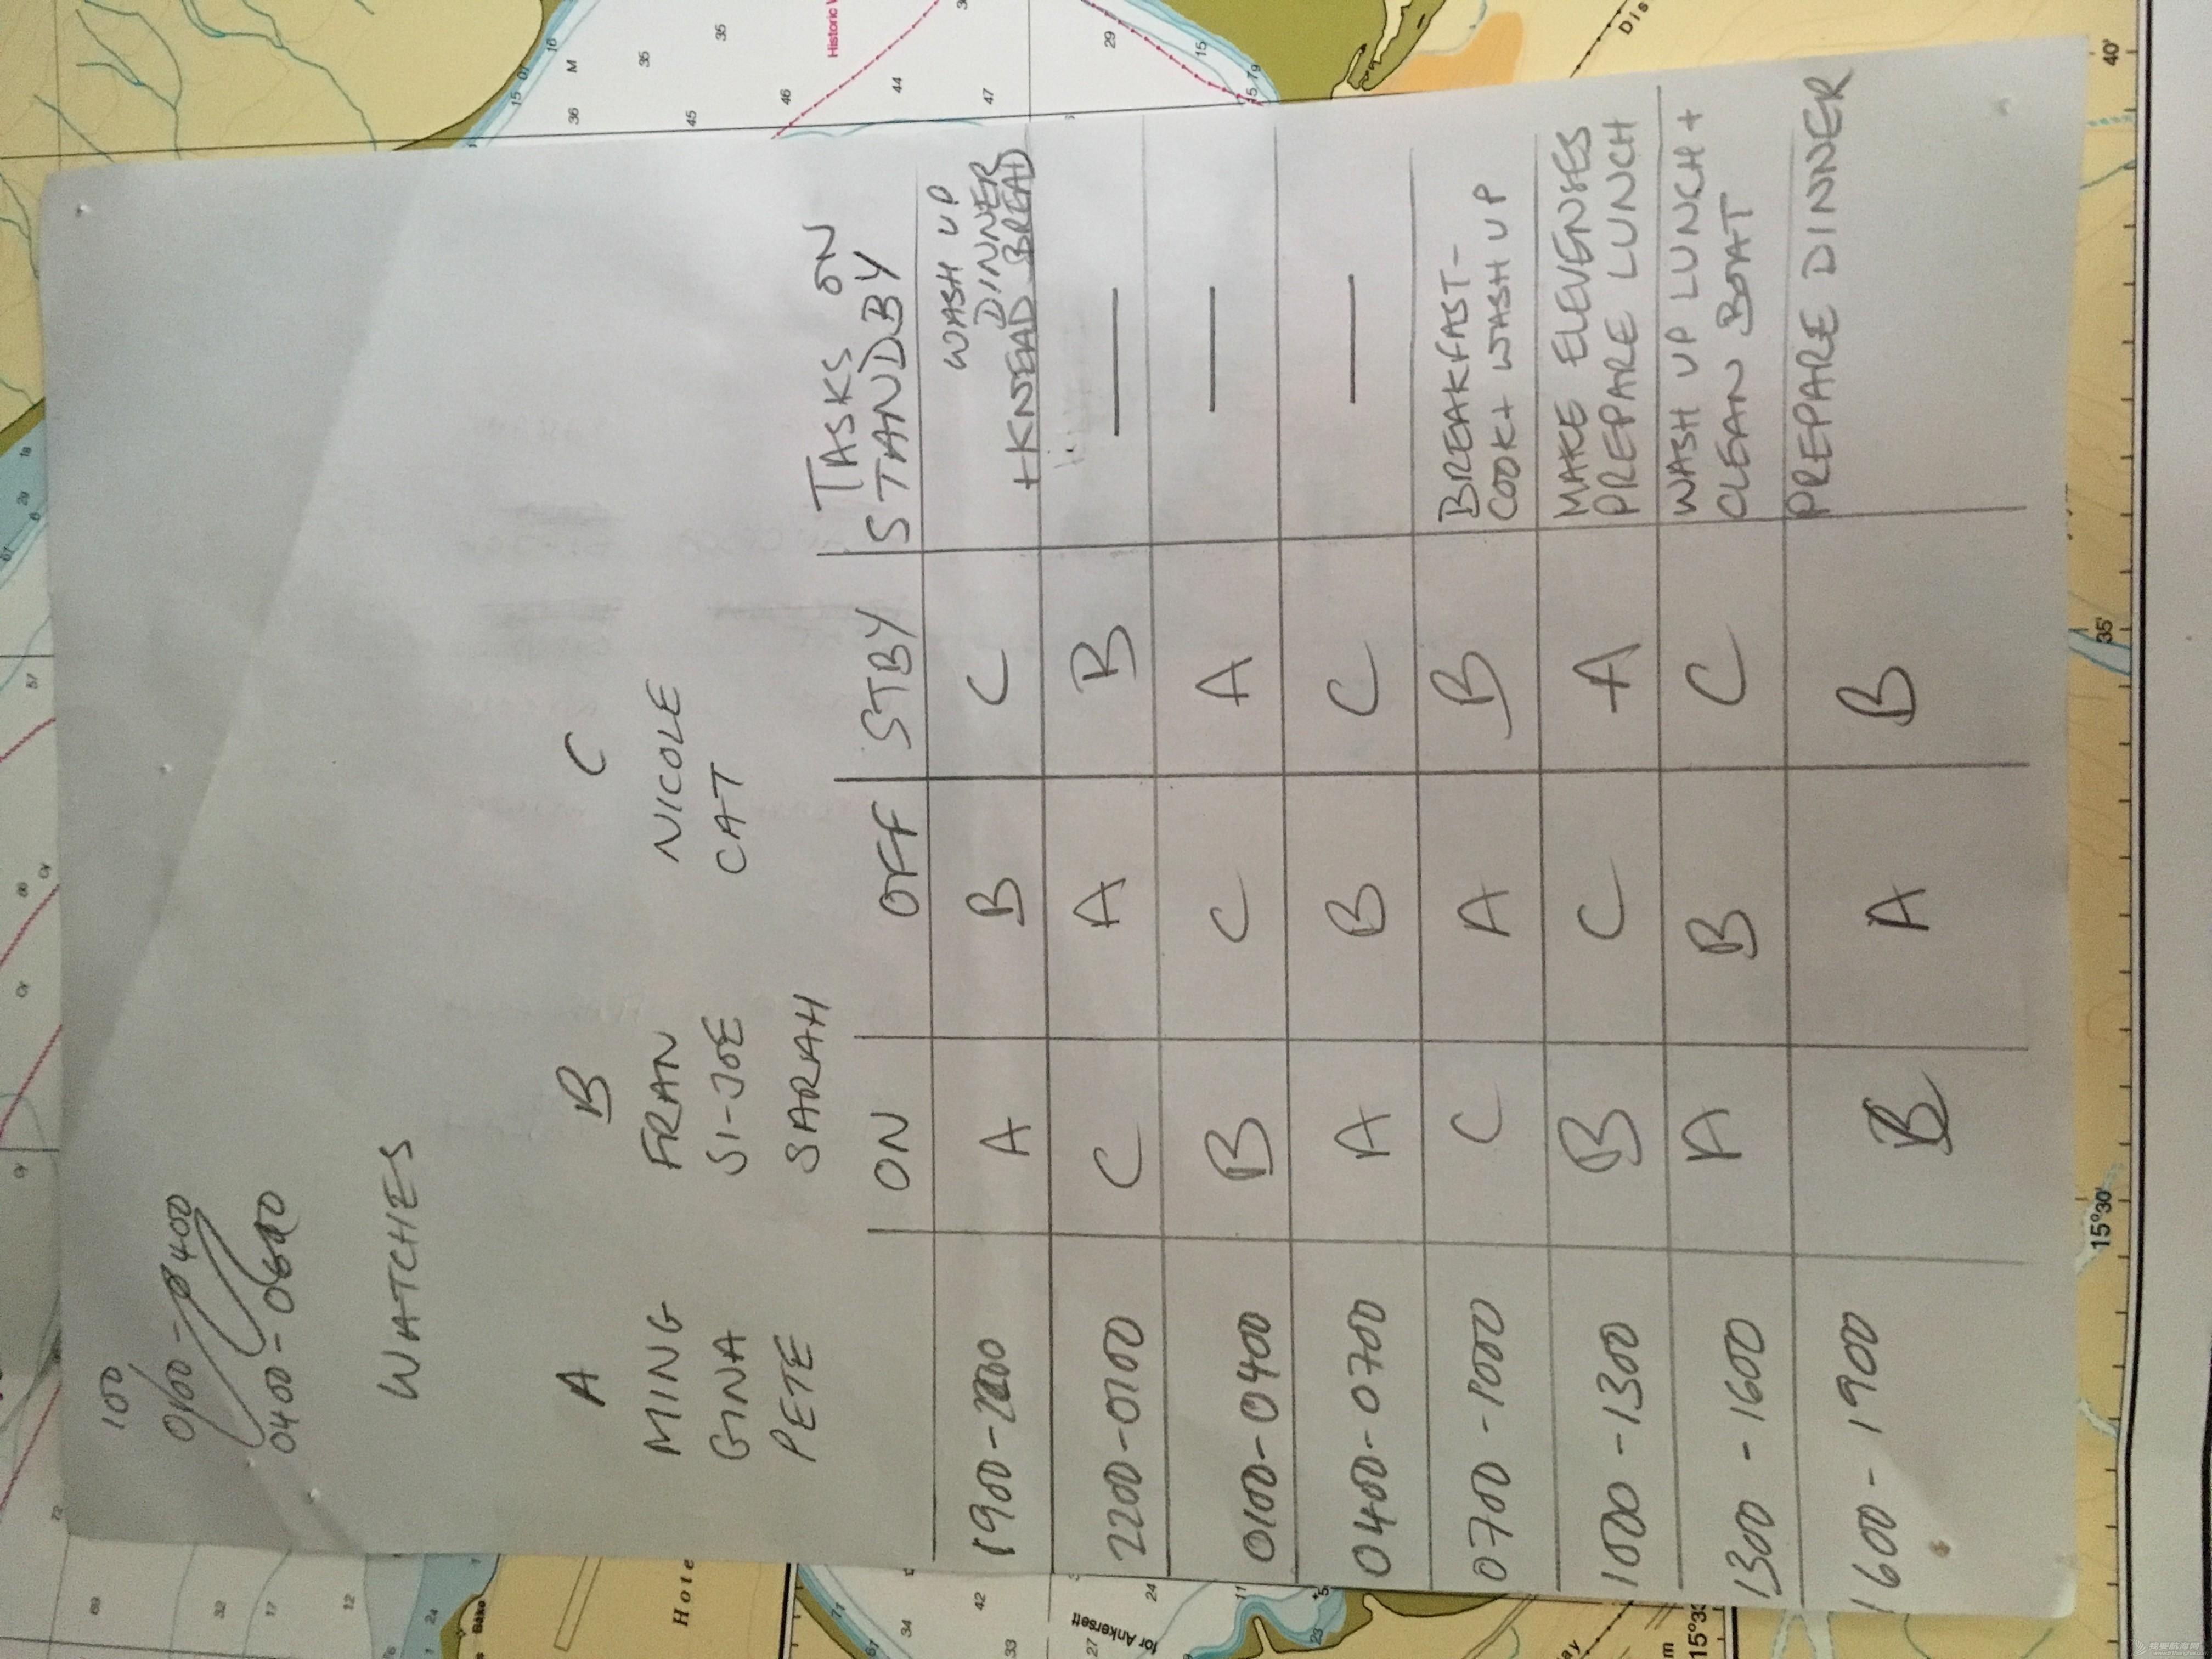 比基尼,北极圈,卫生纸,男男女女,wifi 帆洲北极-五 北极圈内的离岸航行 IMG_7827.JPG